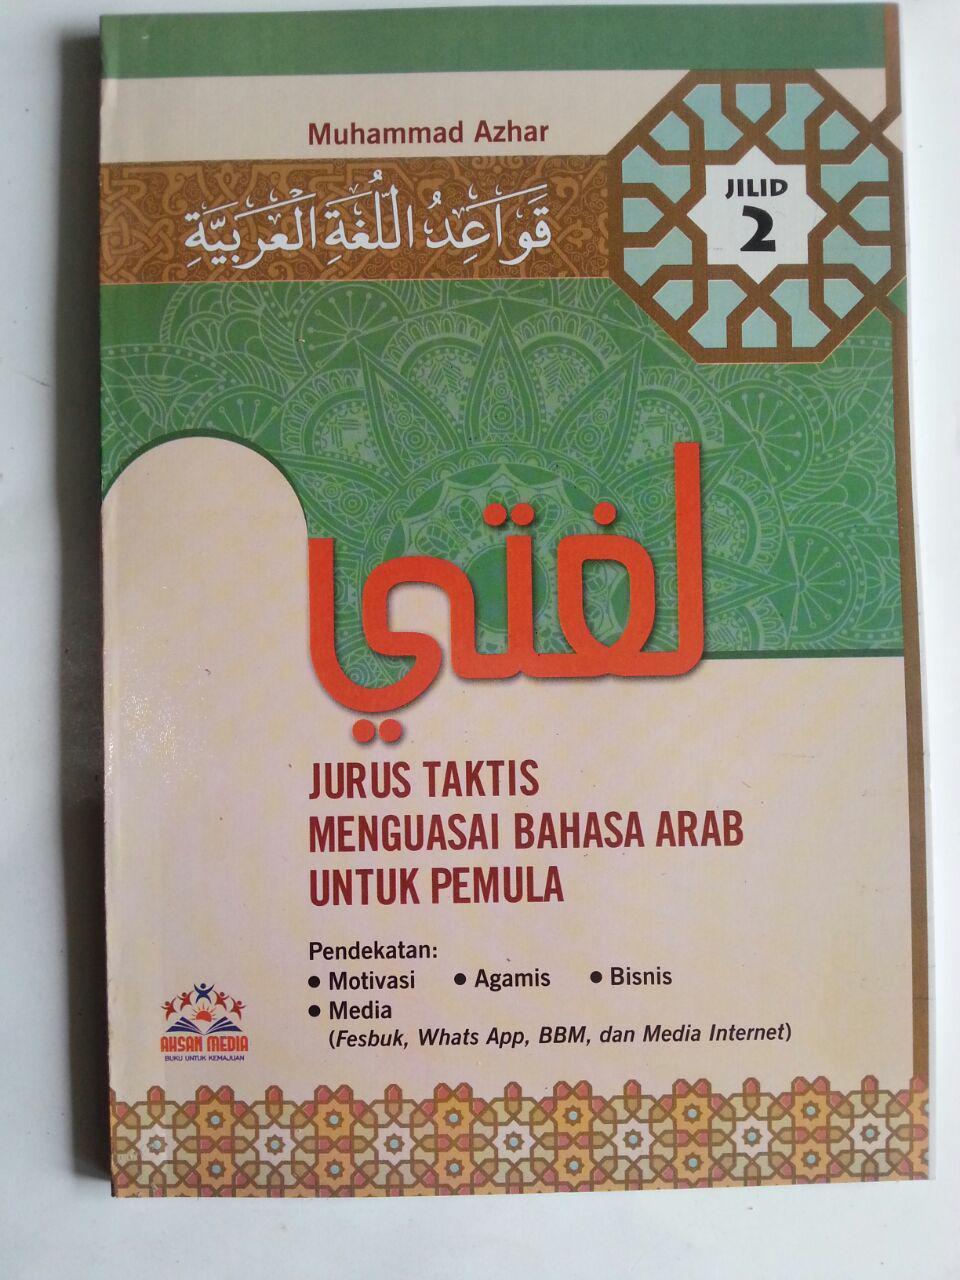 Buku Lughoti Jurus Taktis Menguasai Bahasa Arab Untuk Pemula 2 cover 2